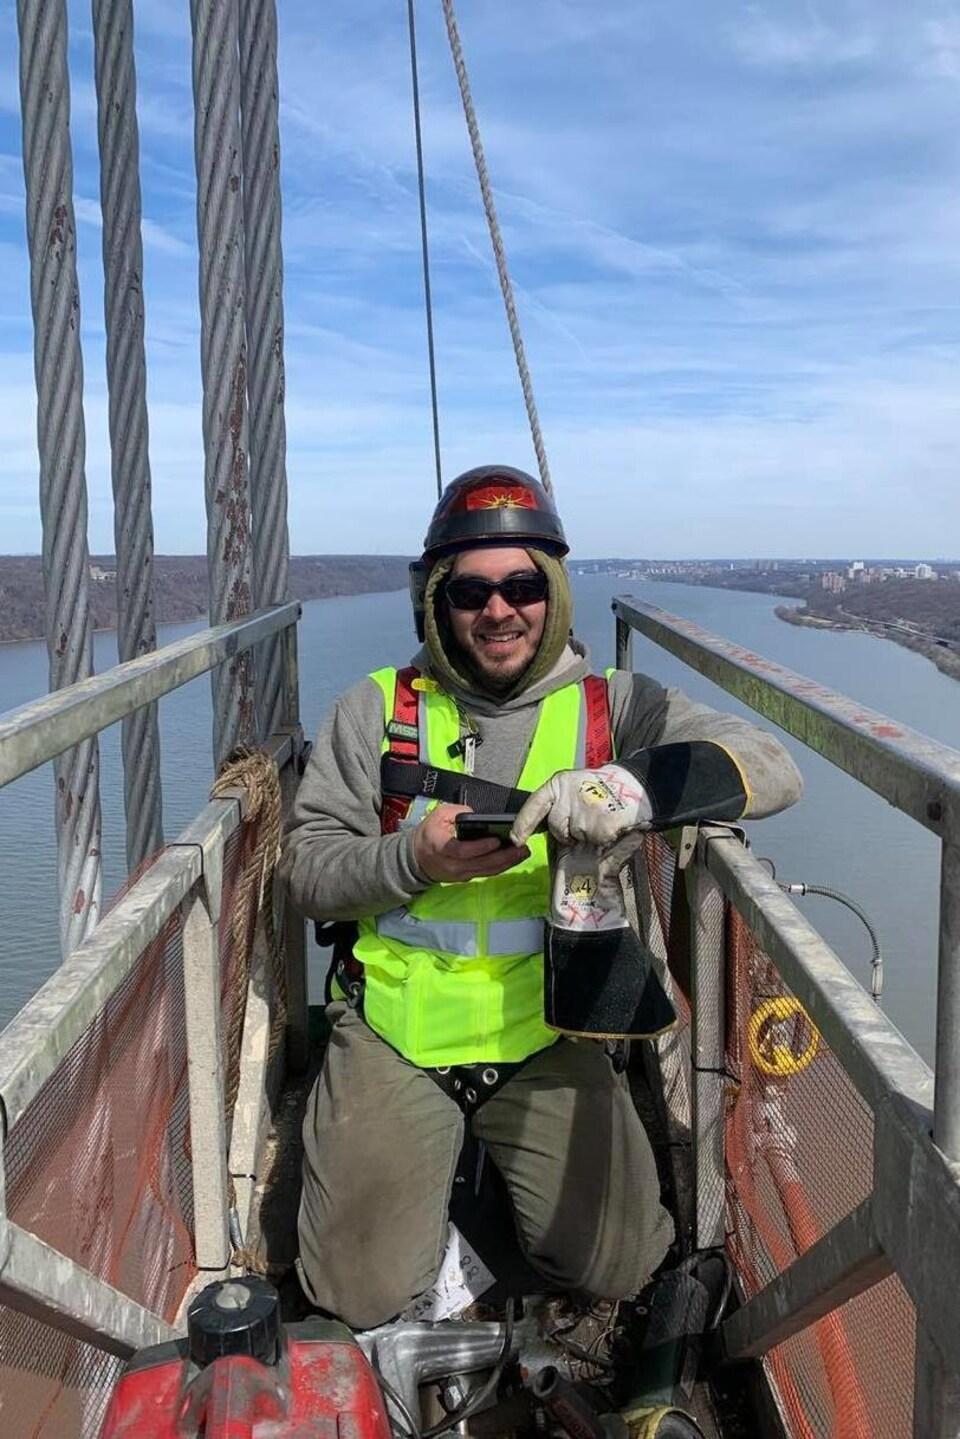 Mike White, 36 ans, a décidé de prendre une pause de son travail à New York pour rester auprès de sa famille à Kahnawake.